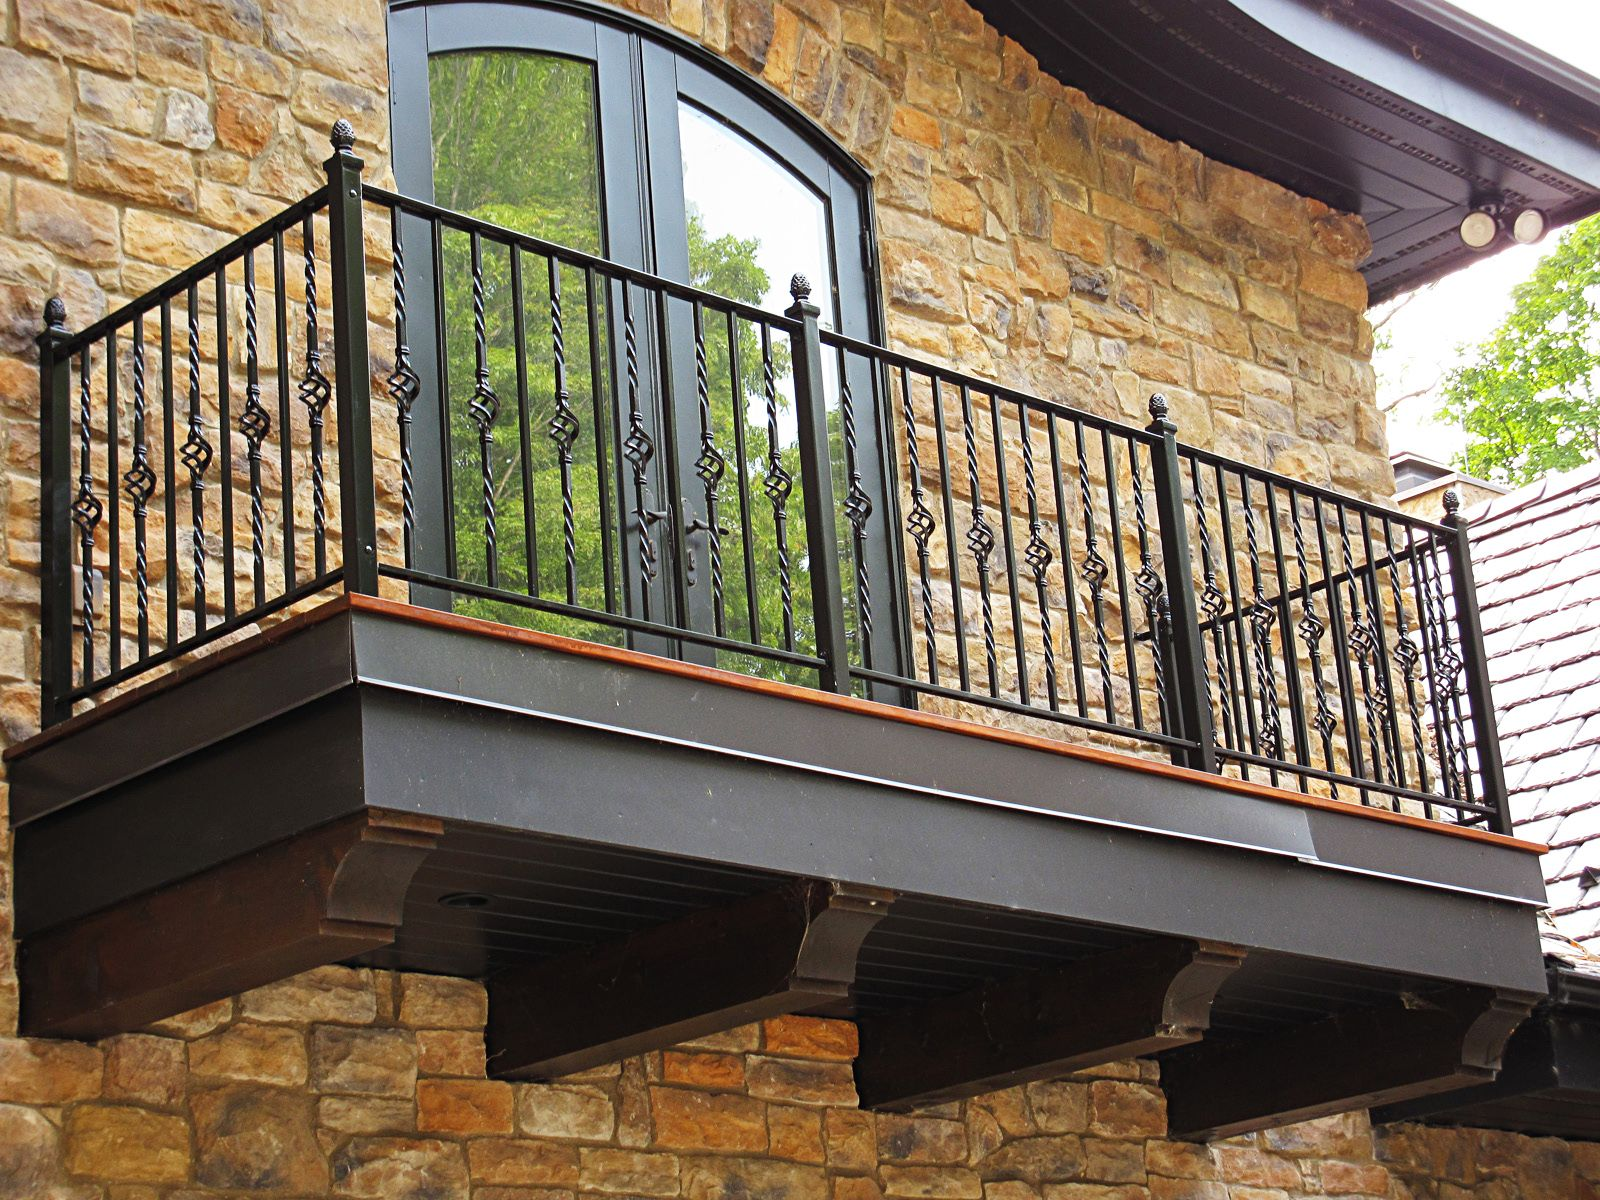 Best Balcony Railings С Изображениями Дизайн Балкона 640 x 480